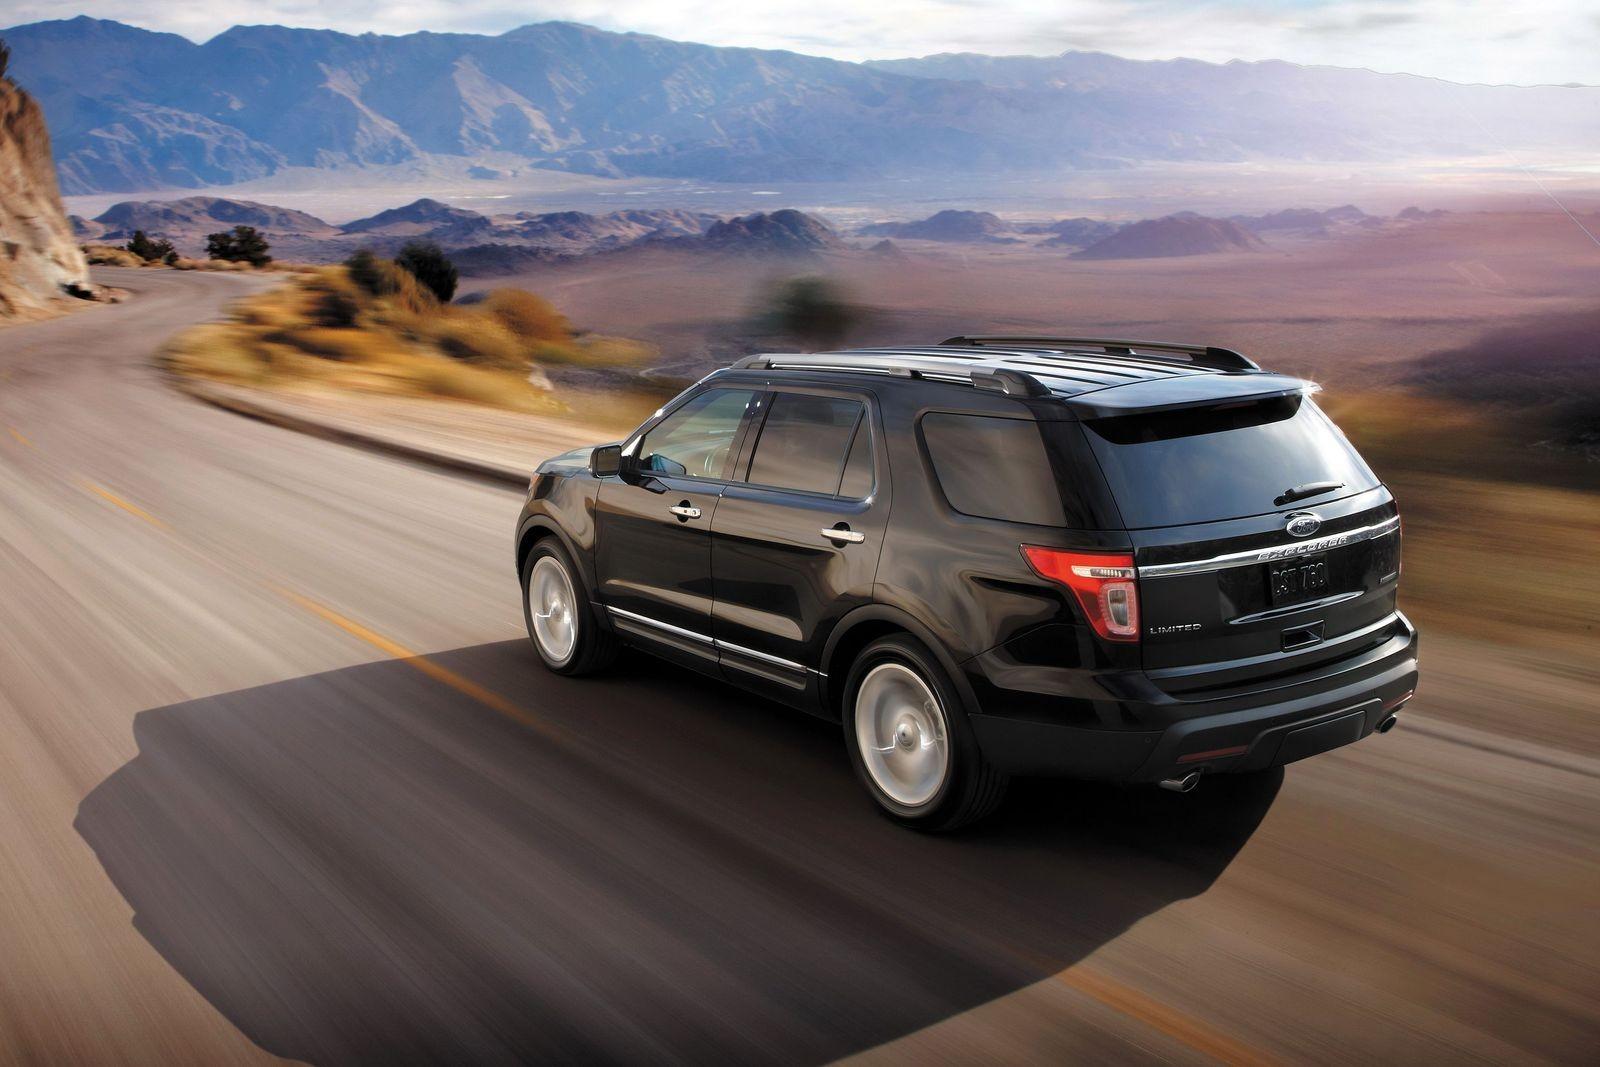 Проблемы есть, но счастье реально: стоит ли покупать Ford Exporer V за 2 миллиона рублей